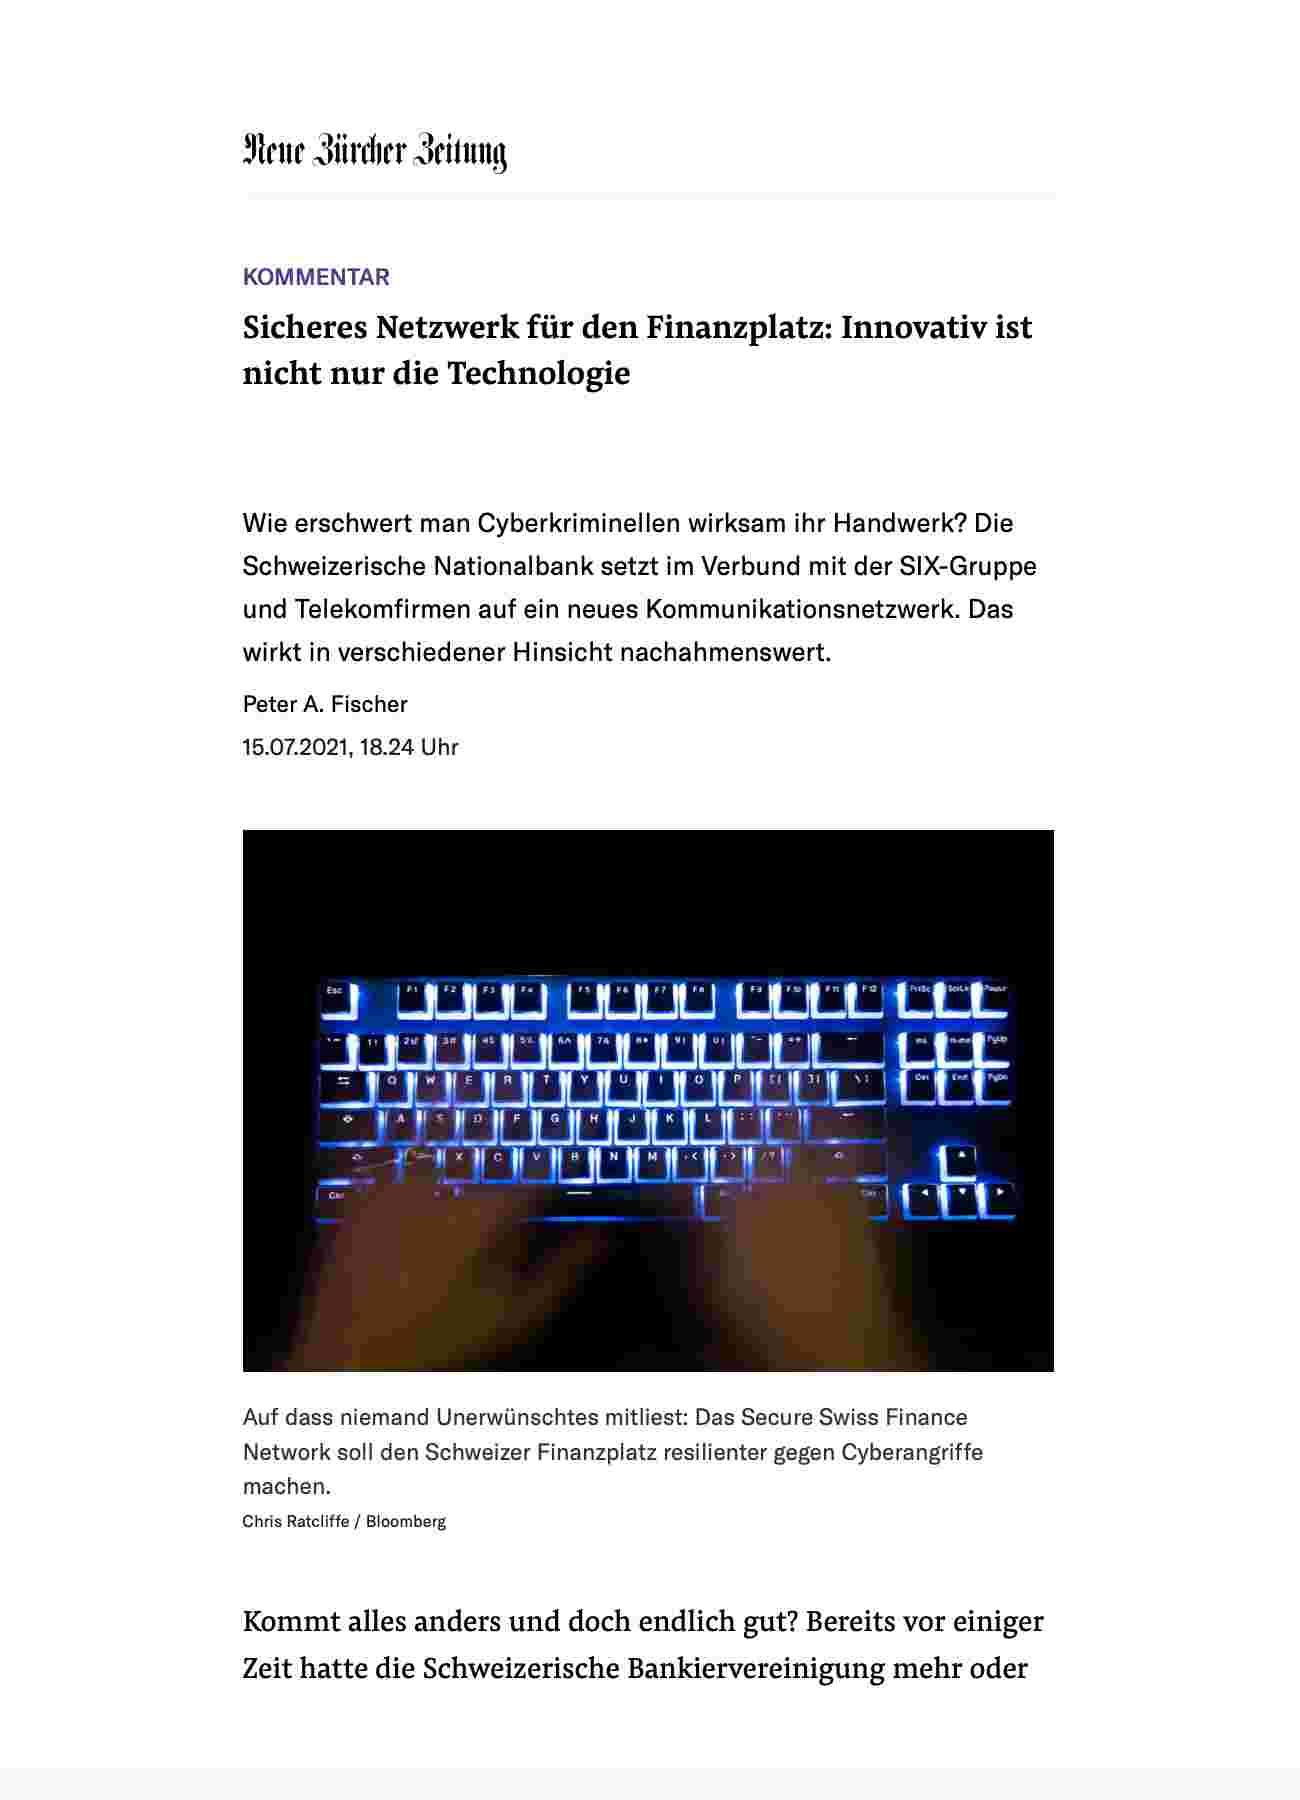 Netzwerk_Sicherheit_NZZ